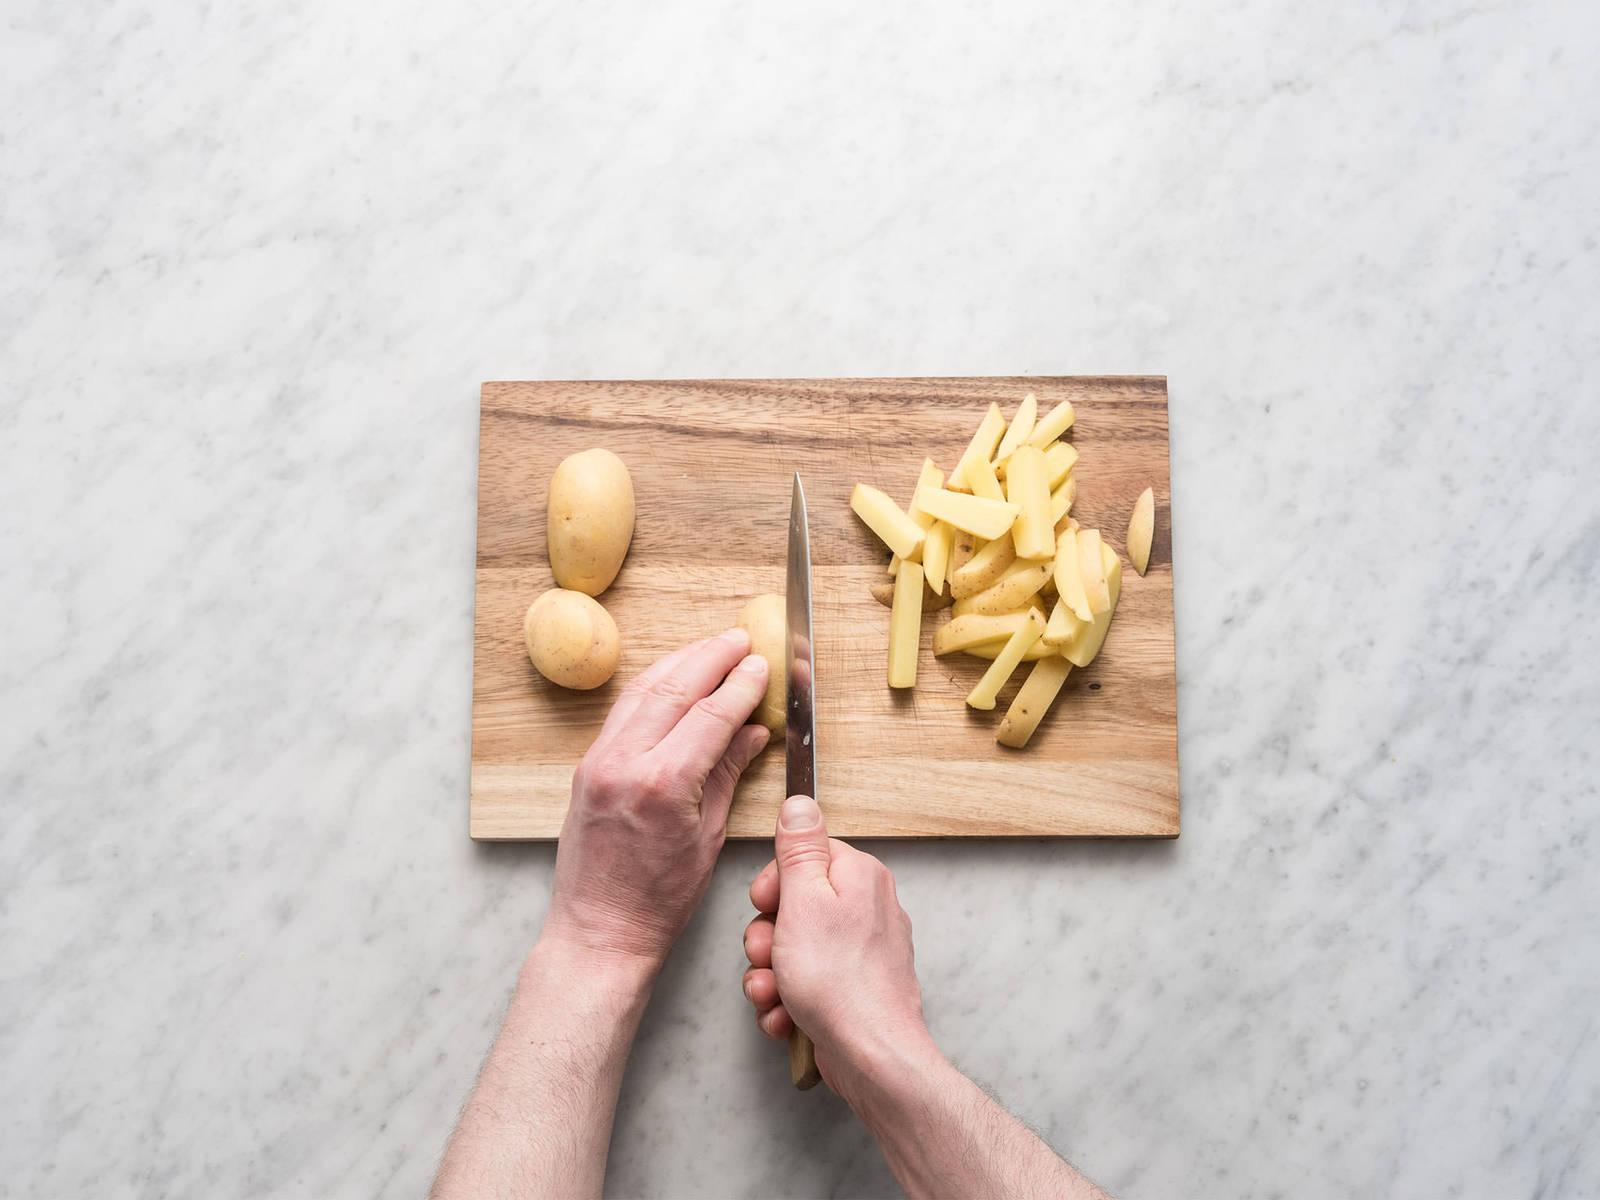 预热烤箱至200度。将土豆切成细条,放到大碗中与橄榄油、咖喱粉、圆肉豆蔻和熏盐一起搅拌。然后转移到铺好烘焙纸的烤盘中,在预热好的烤箱中以200度烤制25-30分钟,不时翻动,至土豆条外表焦脆金黄。